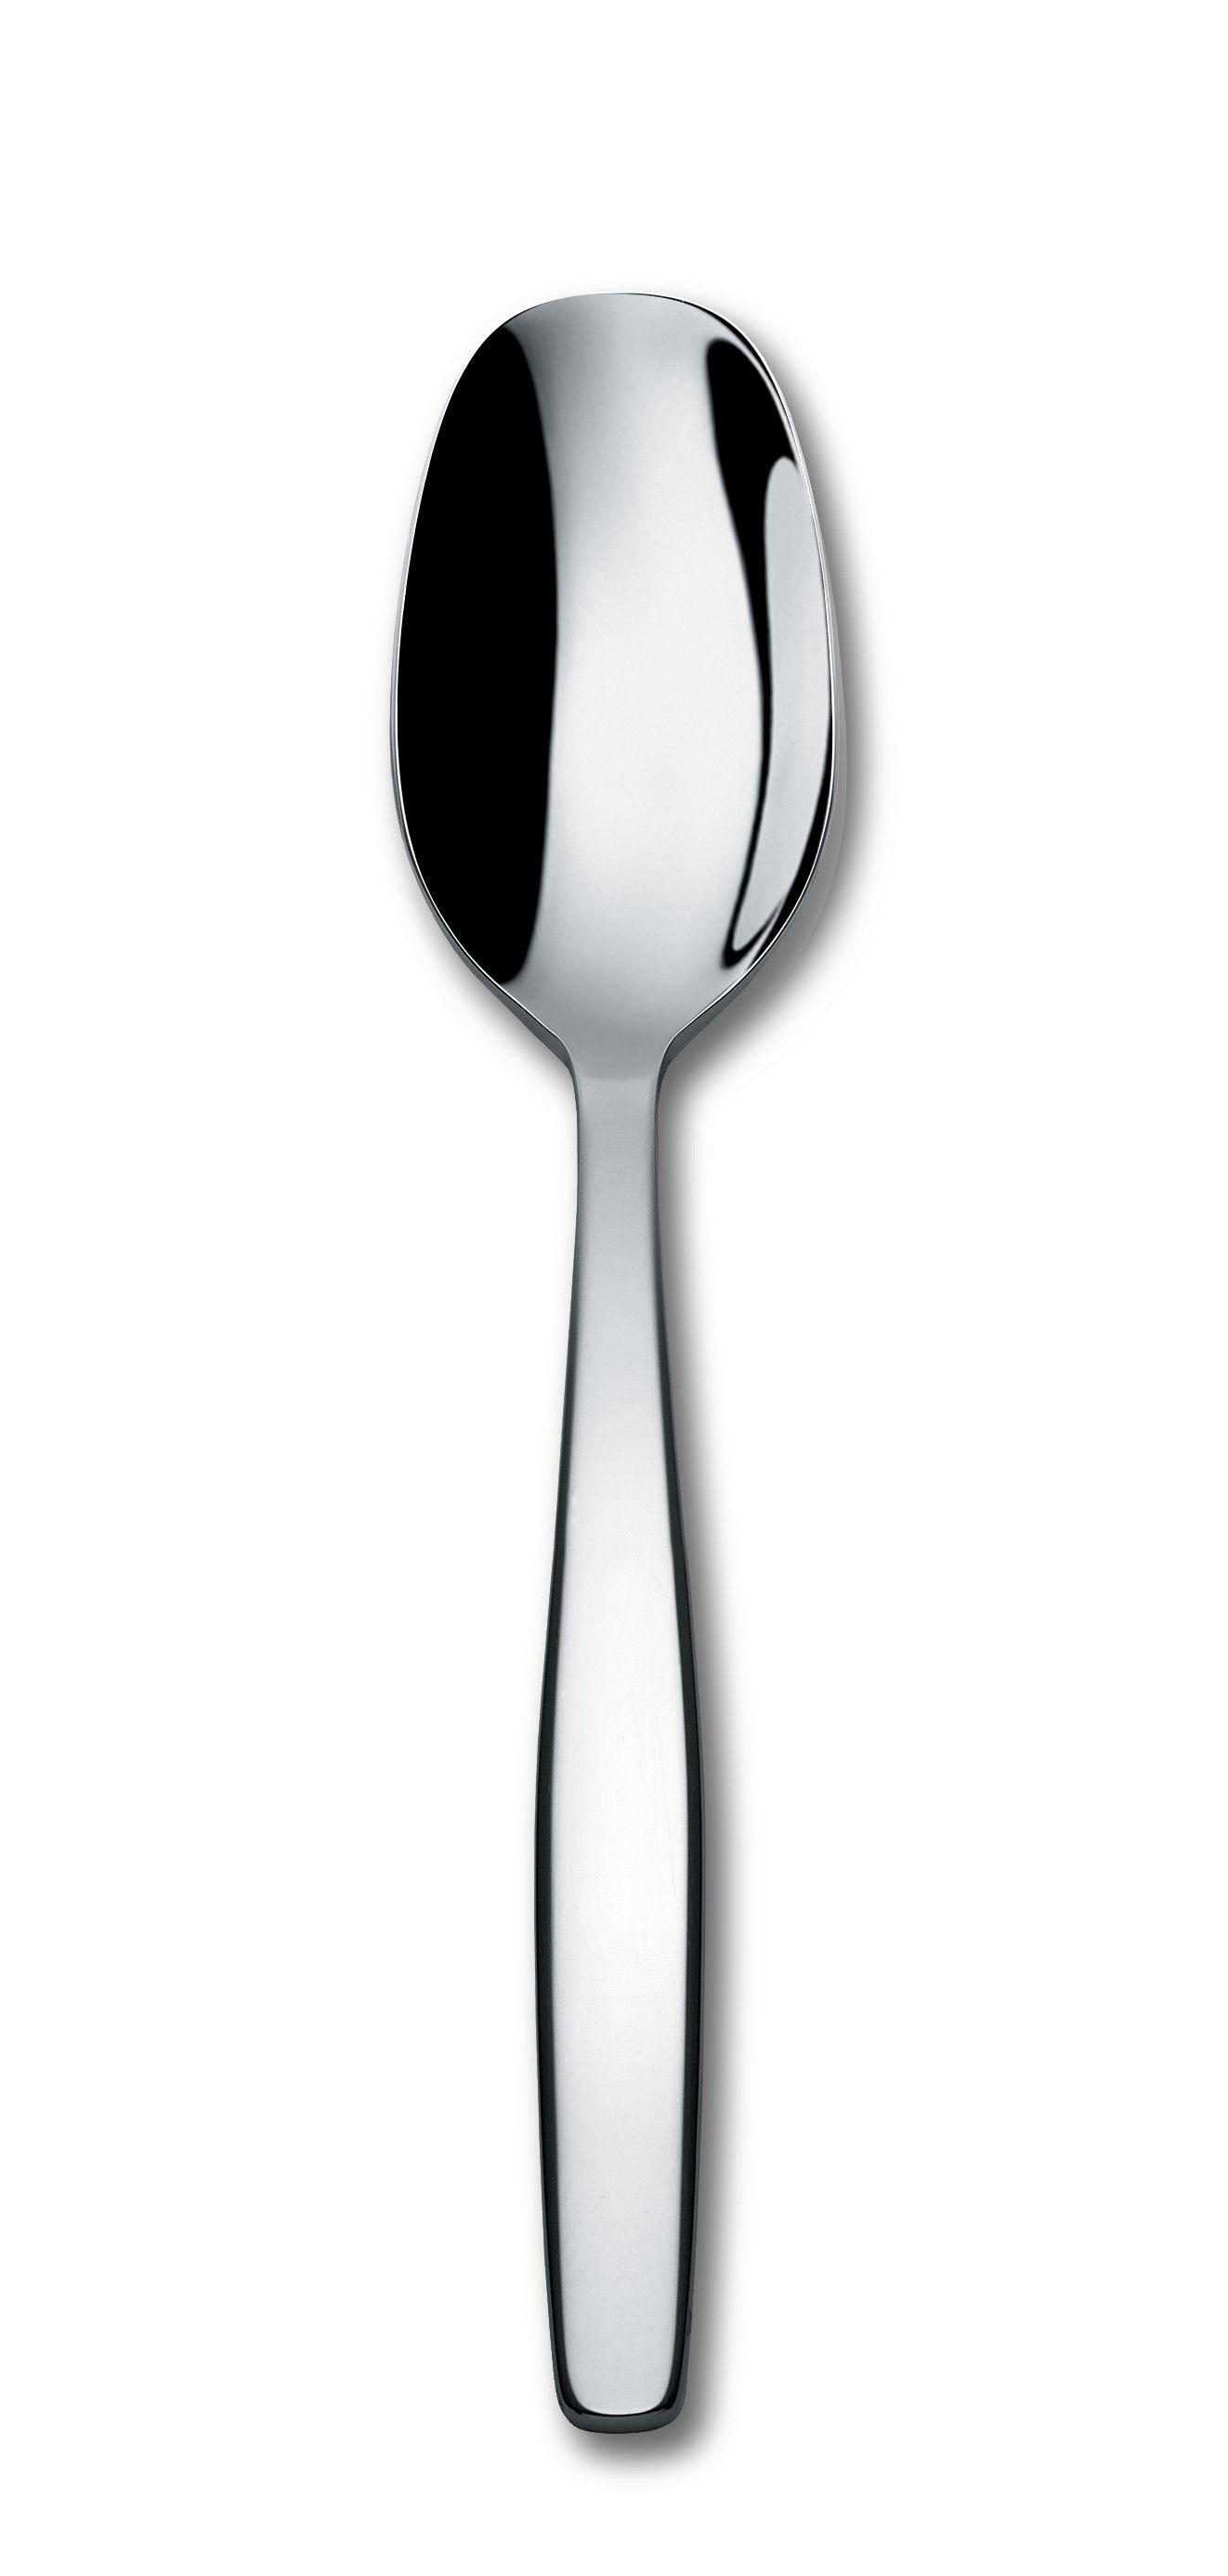 Tavola - Posate - Cucchiaio da minestra Itsumo di A di Alessi - Acciaio - Acciaio inossidabile